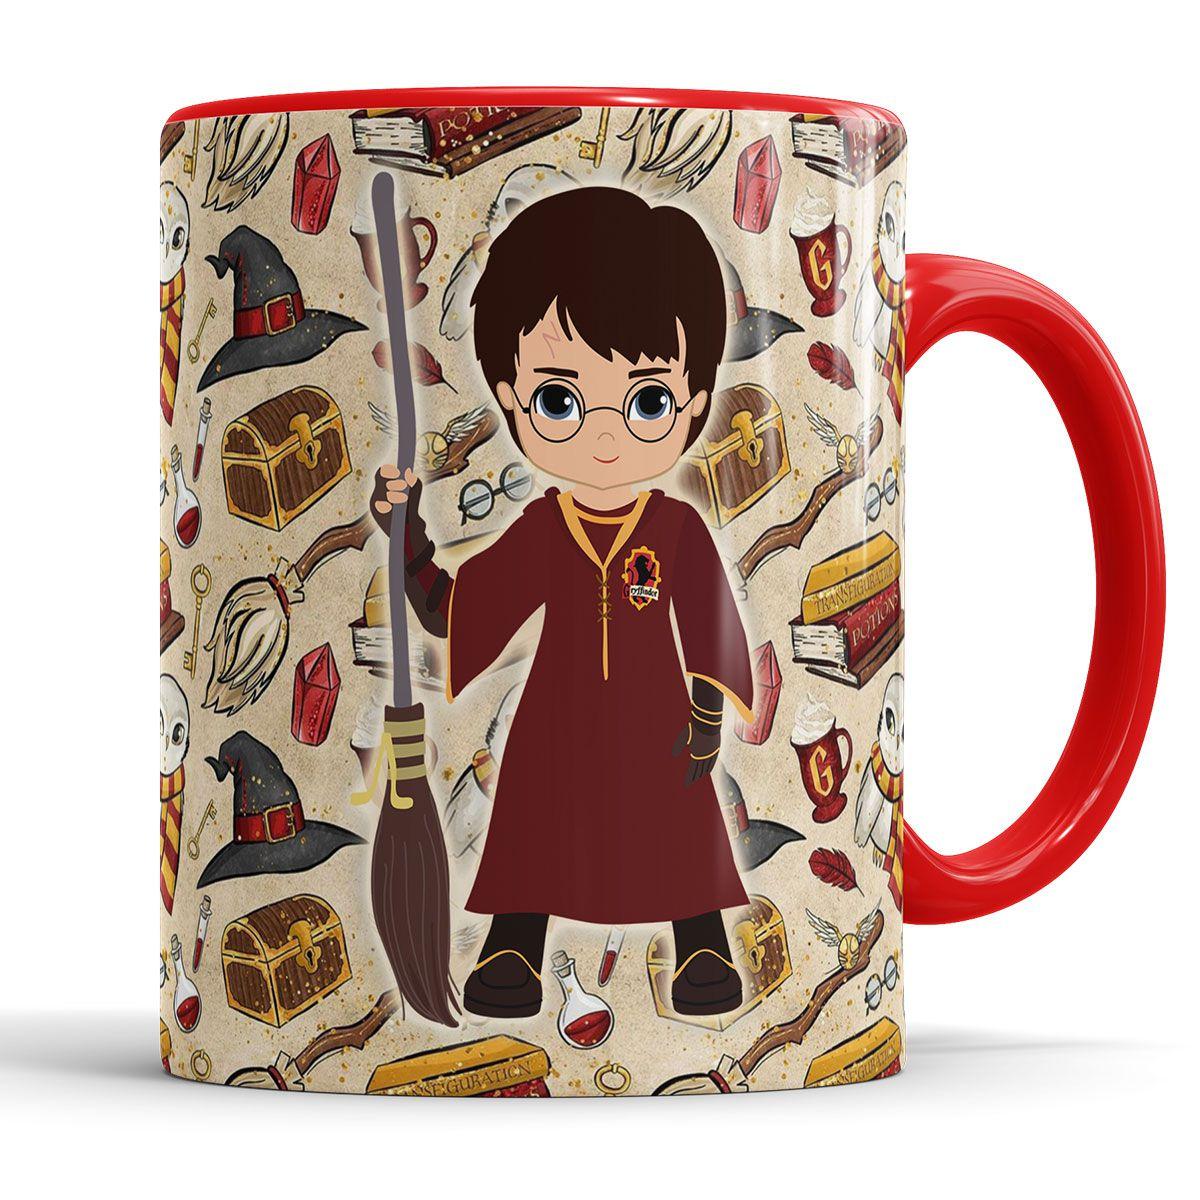 Caneca Grifinória Harry Potter + Saquinho   - ELICOMICS PRODUTOS PERSONALIZADOS